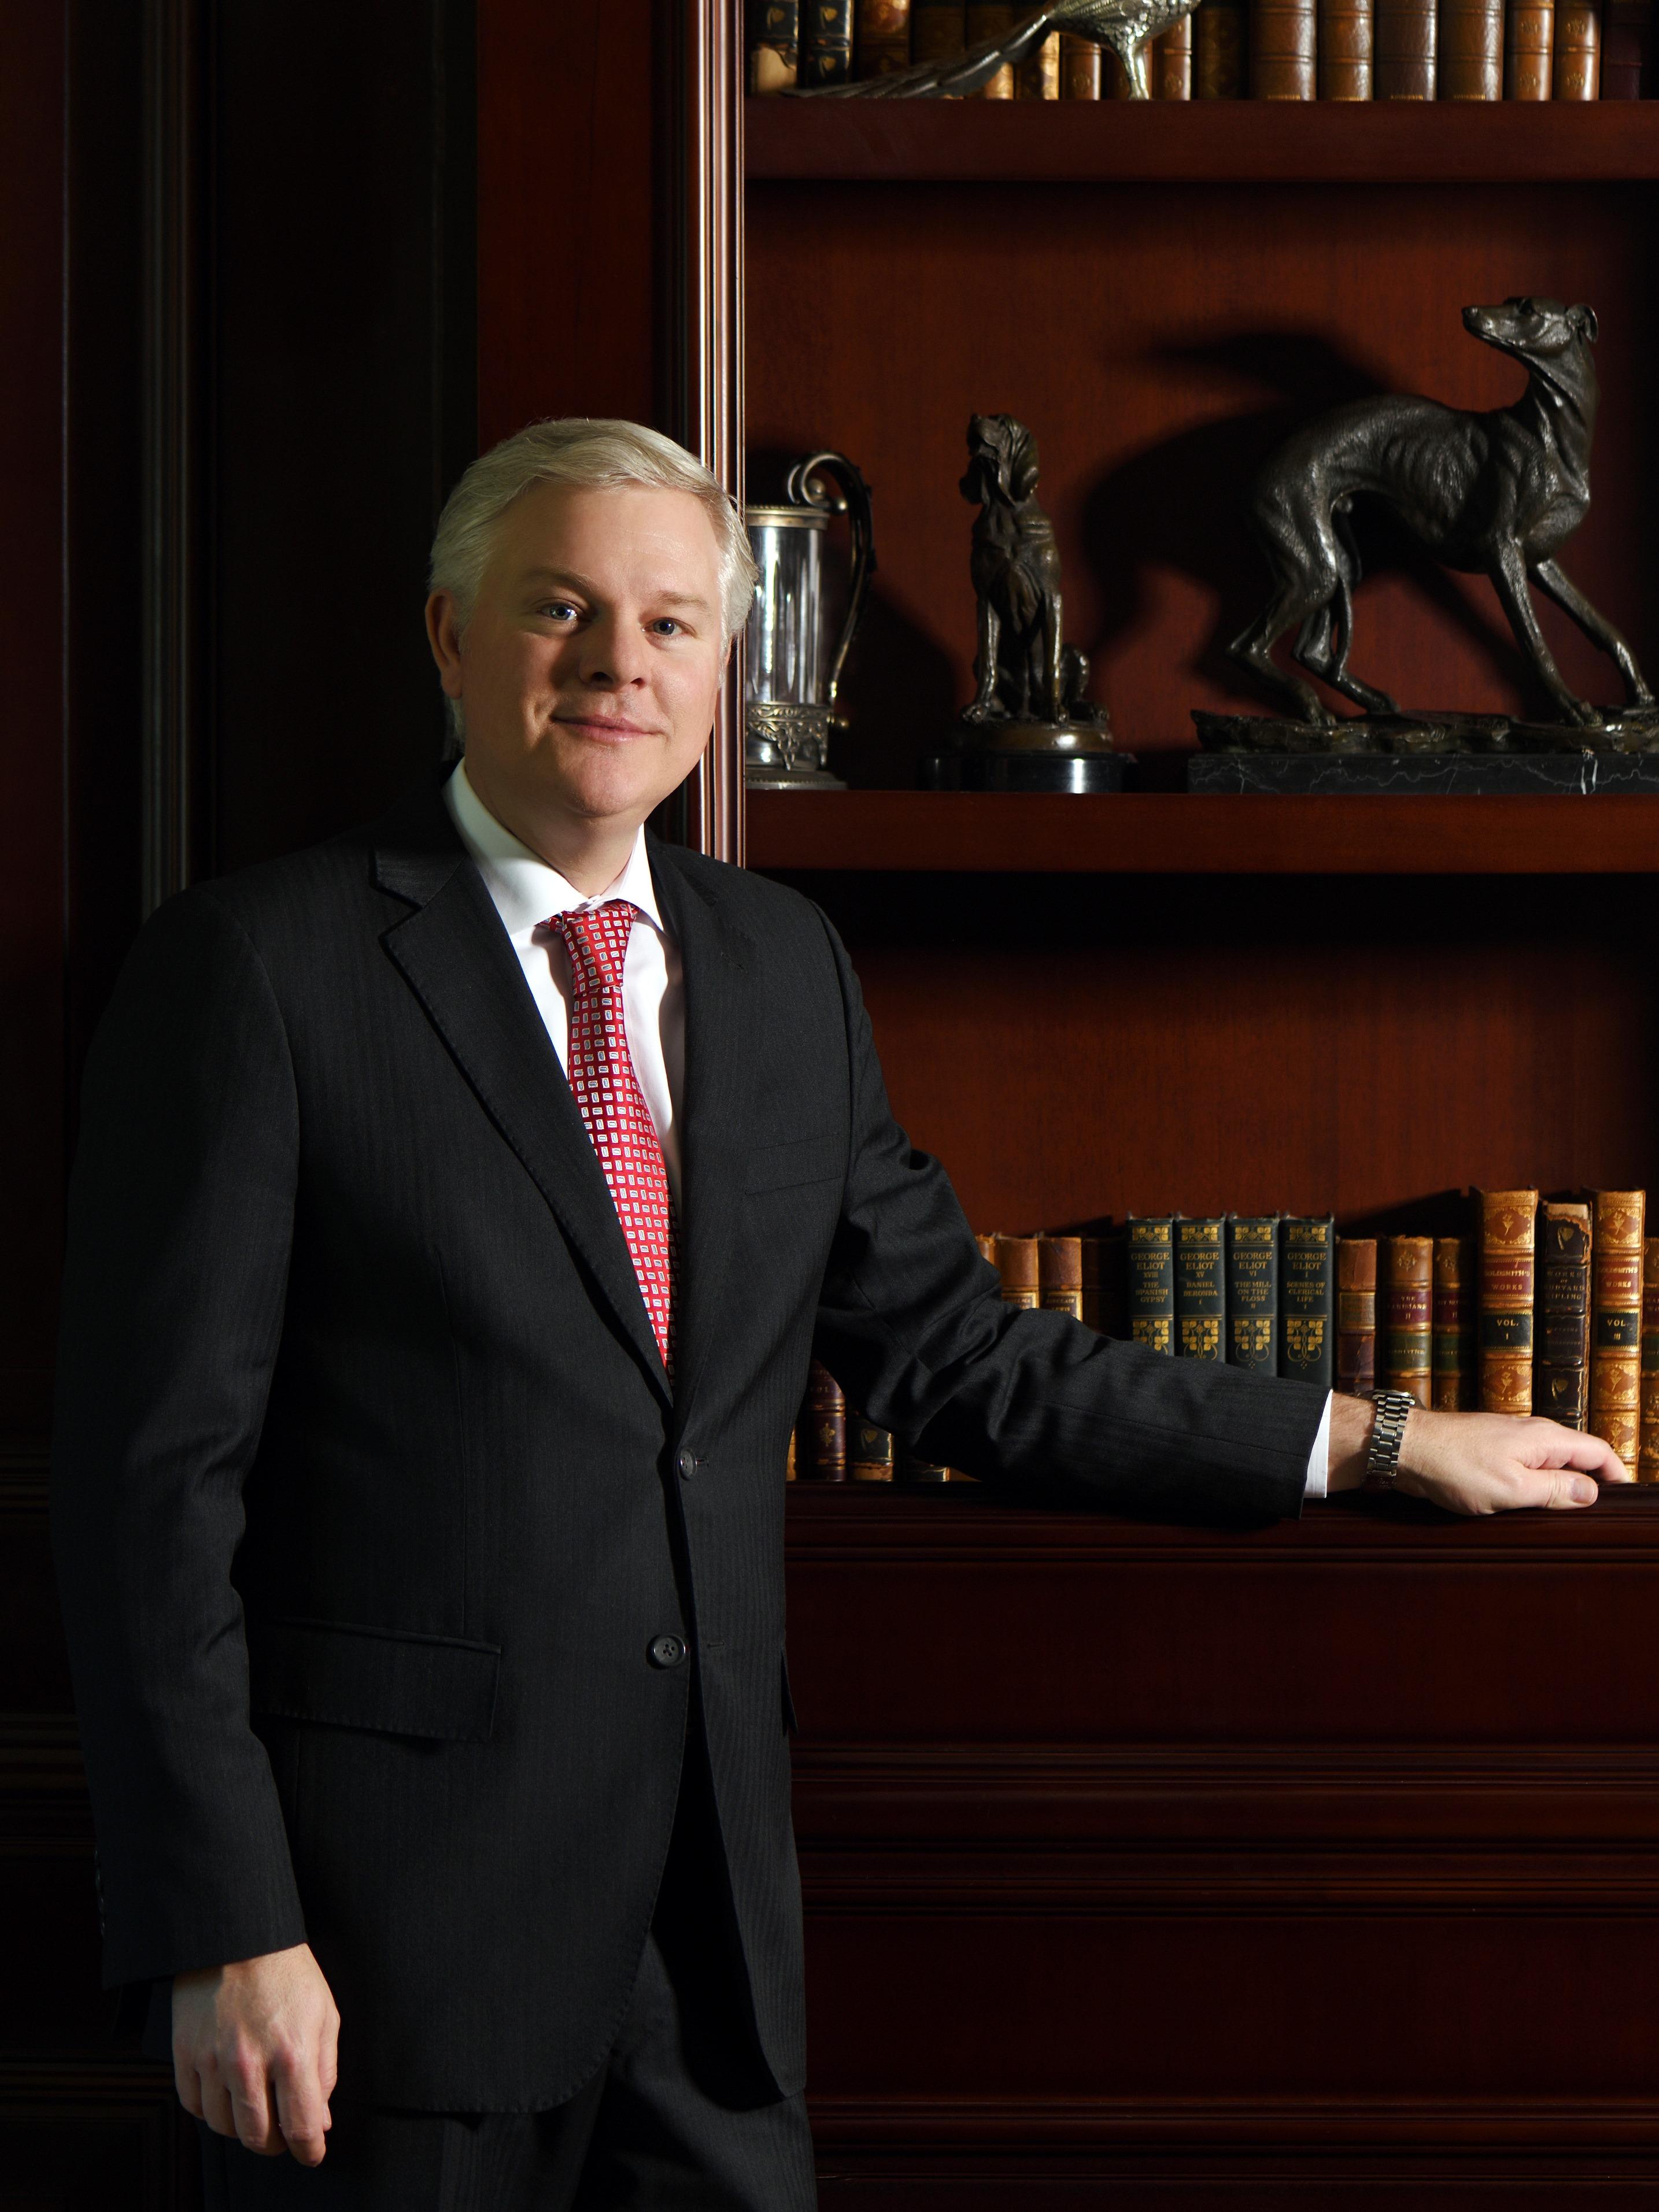 罗捷思(Andrew C. Rogers)先生出任 区域副总裁及北京丽思卡尔顿酒店总经理